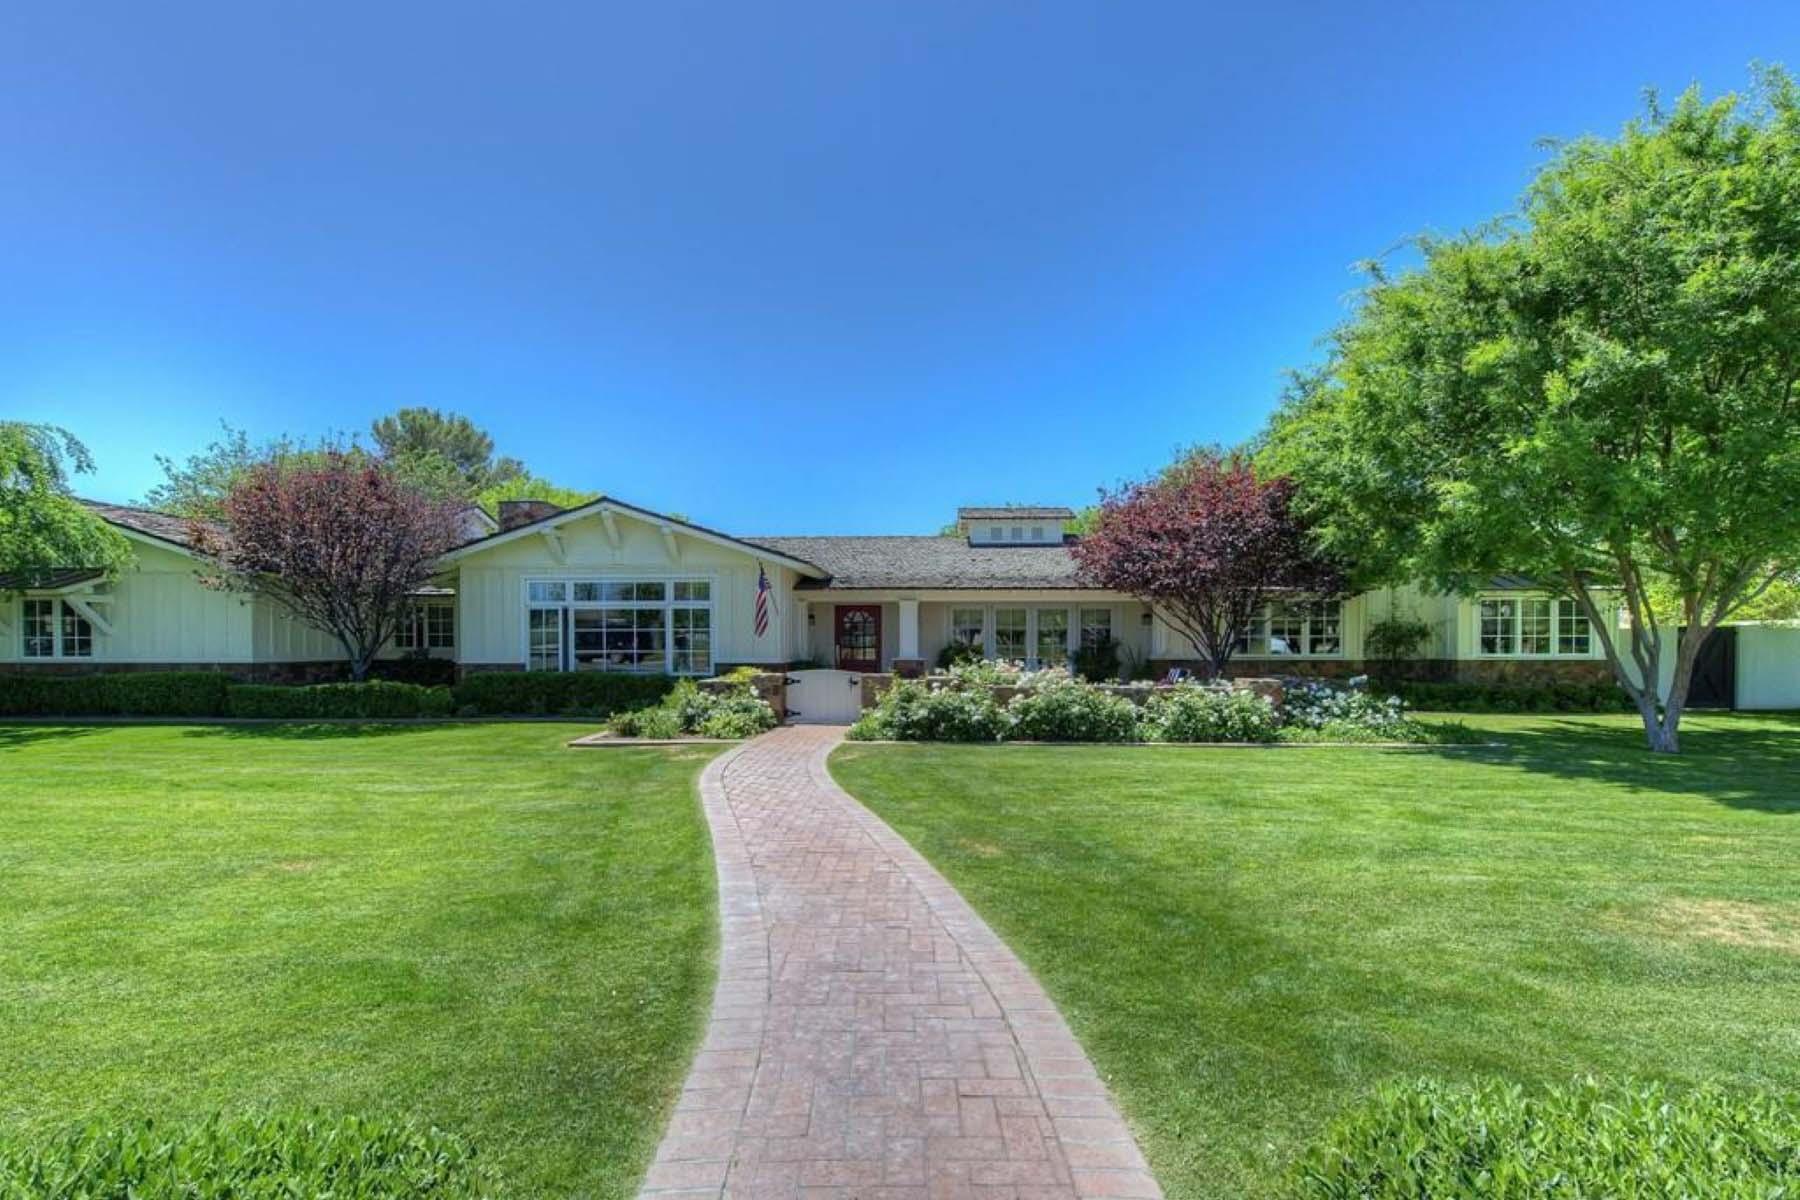 단독 가정 주택 용 매매 에 Idyllic Arcadia in this picture-perfect ranch style home. 5101 E Roma AVE Phoenix, 아리조나 85018 미국